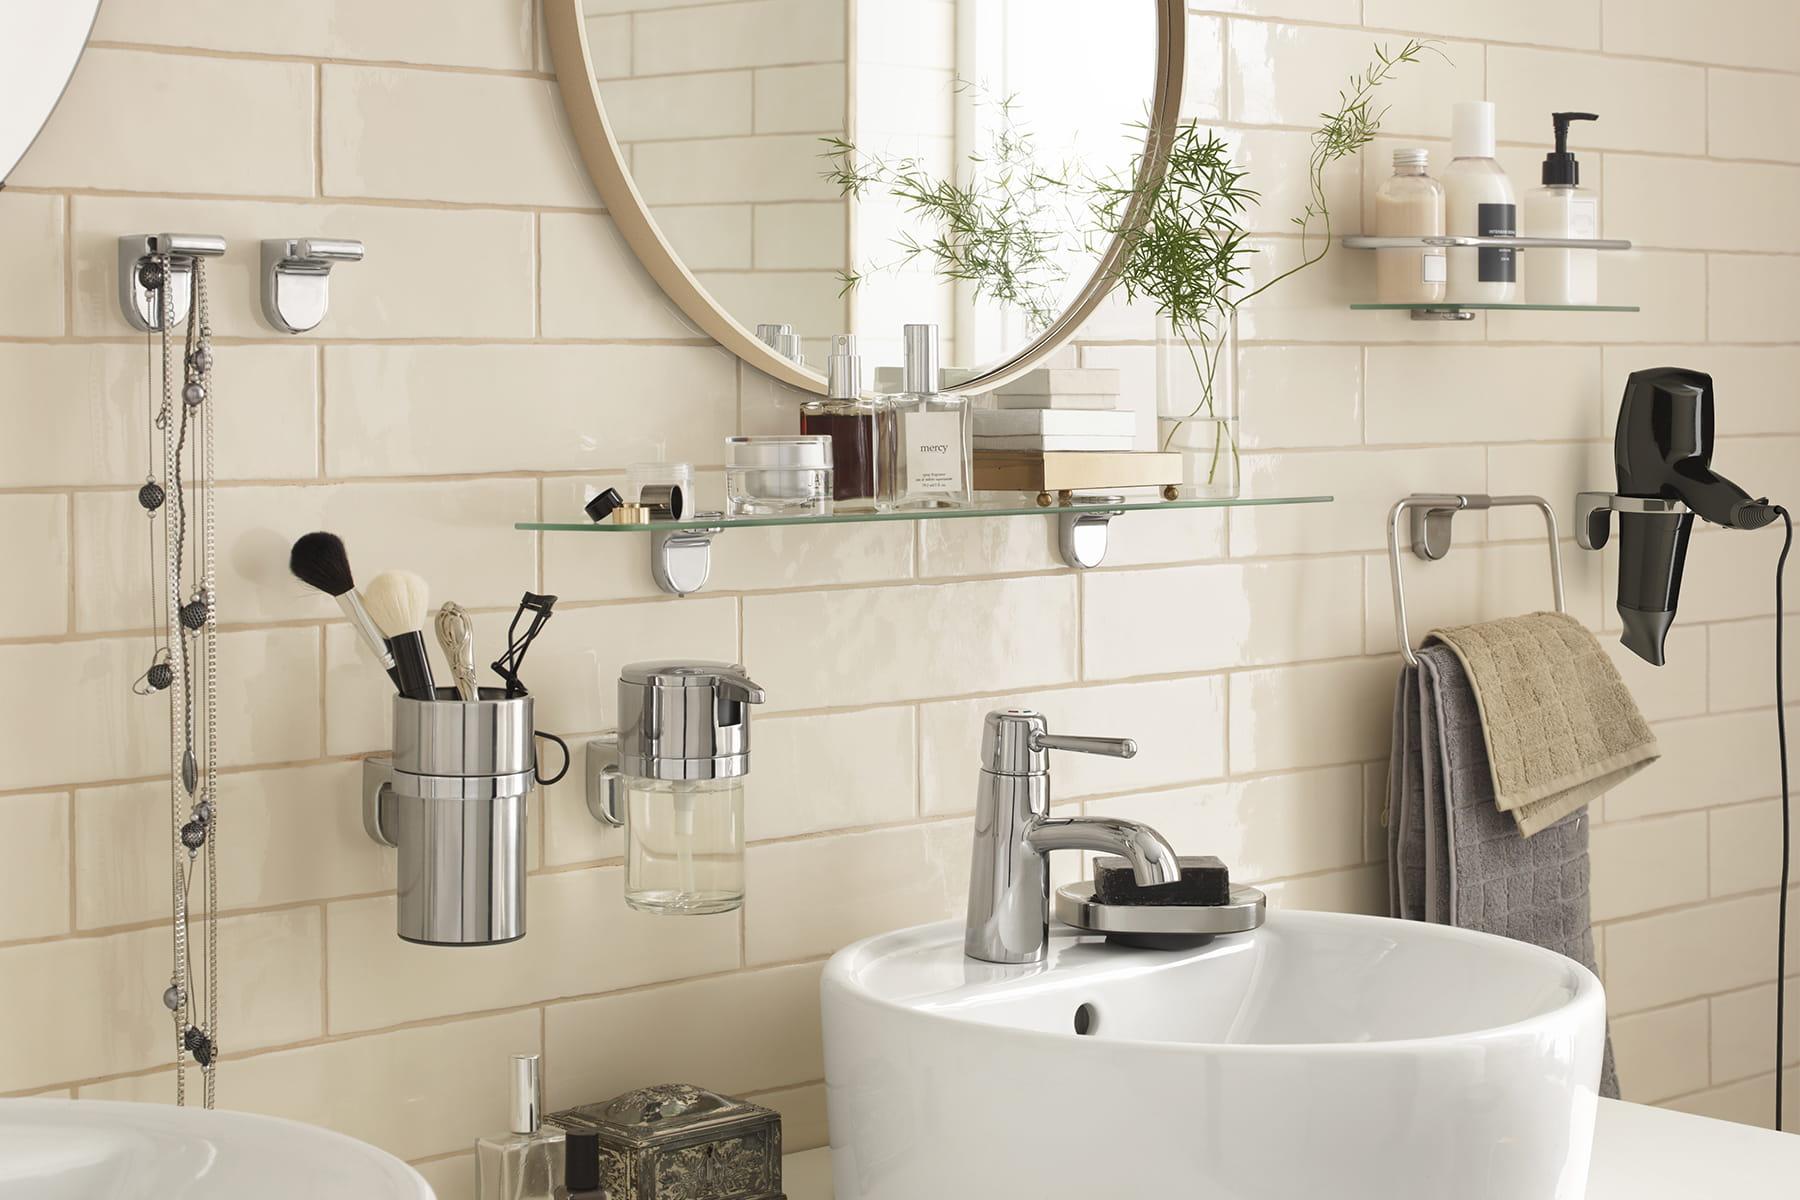 Des produits malins pour am nager une petite salle de bains for Amenager salle de bain petite